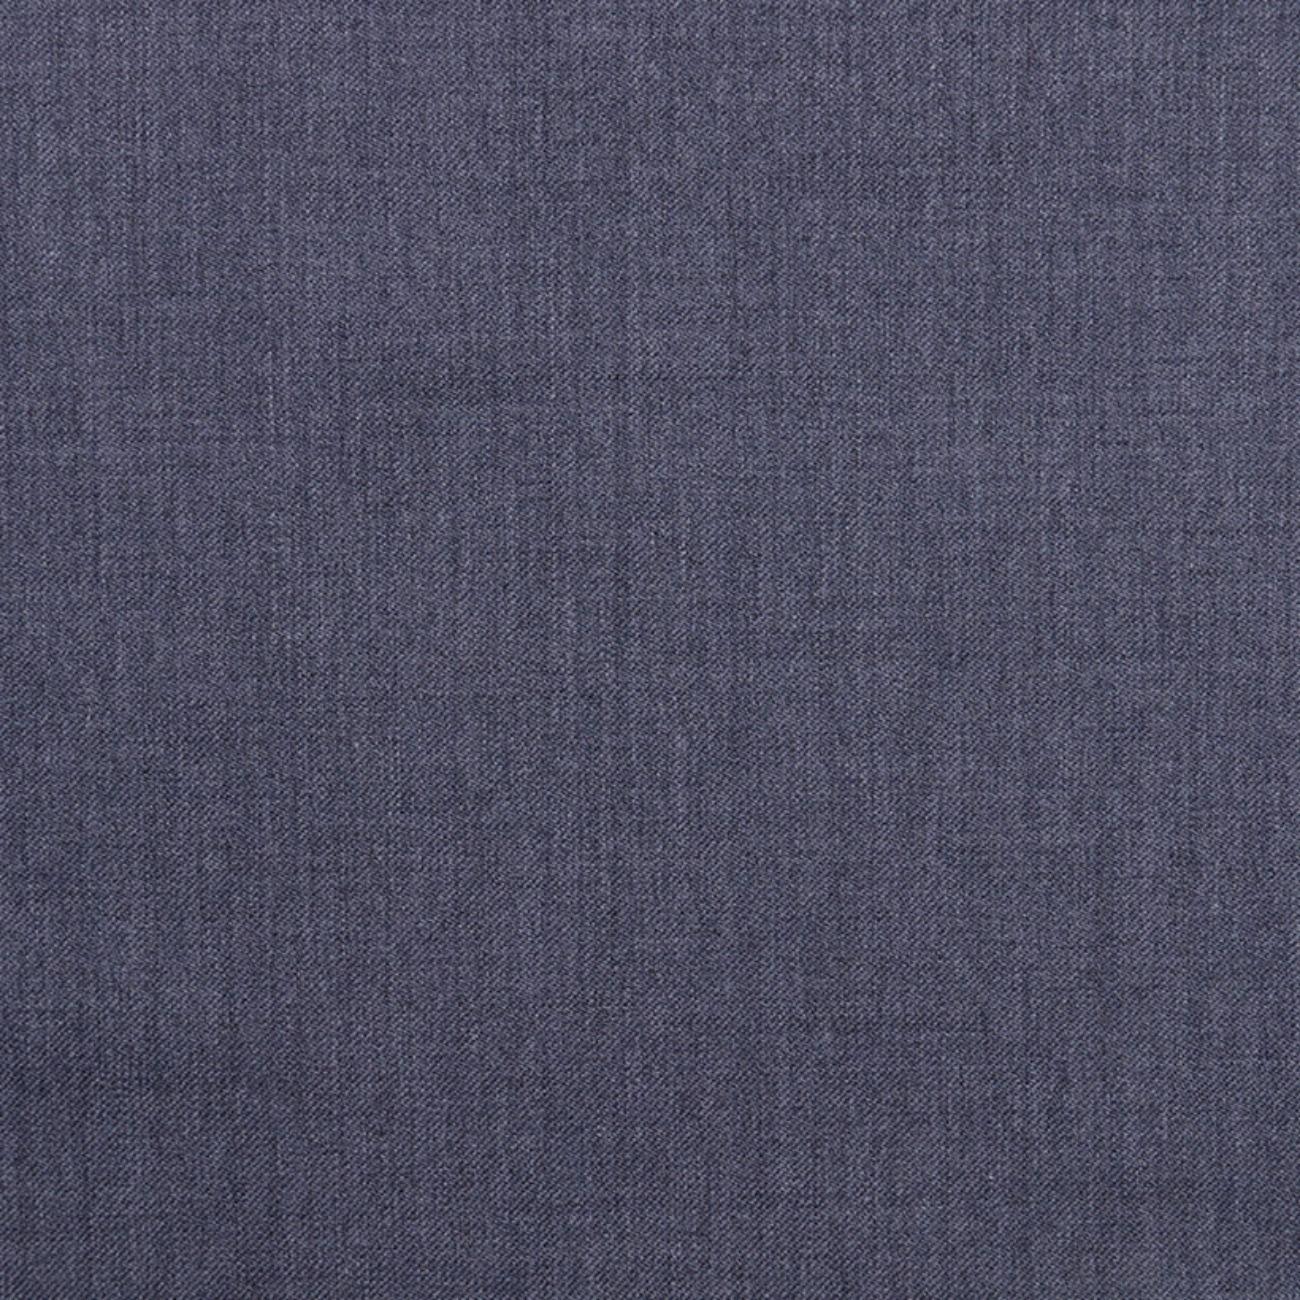 毛纺 素色 羊毛 染色 薄 精仿 西装 职业装 春秋 女装 男装 71122-10